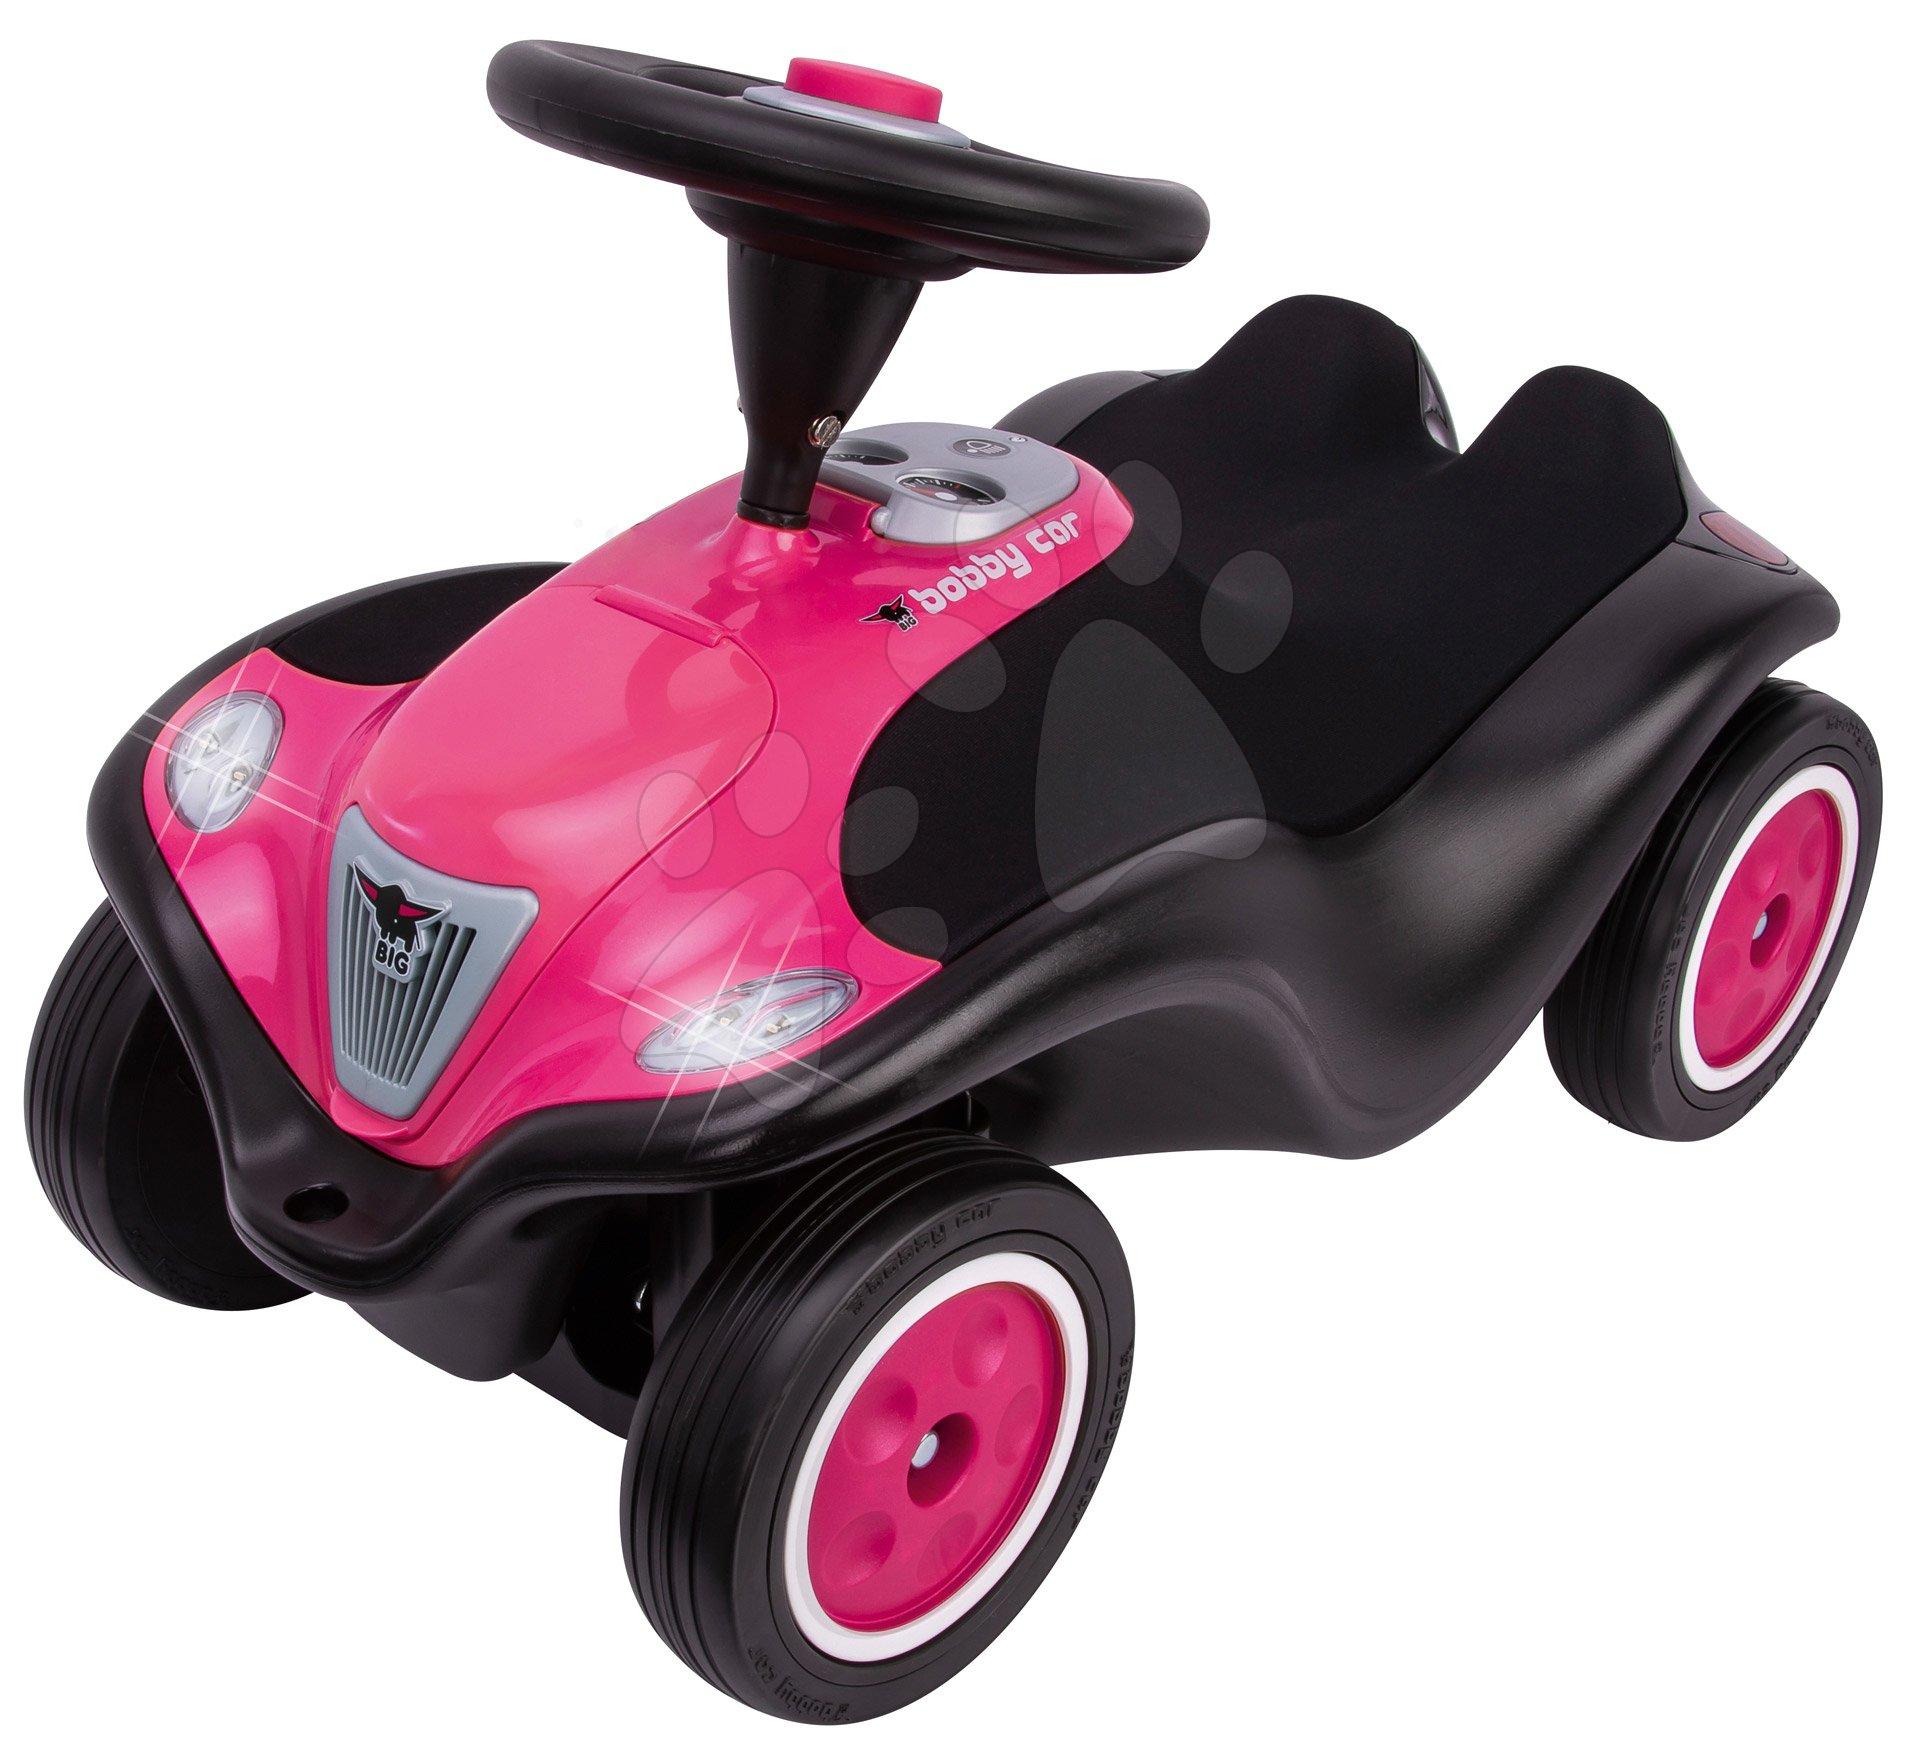 Odrážadlá od 12 mesiacov - Odrážadlo Bobby Car Next Raspberry BIG s LED reflektormi a elektronickým klaksónom ergonomické sedadlo s velúrom od 12 mes